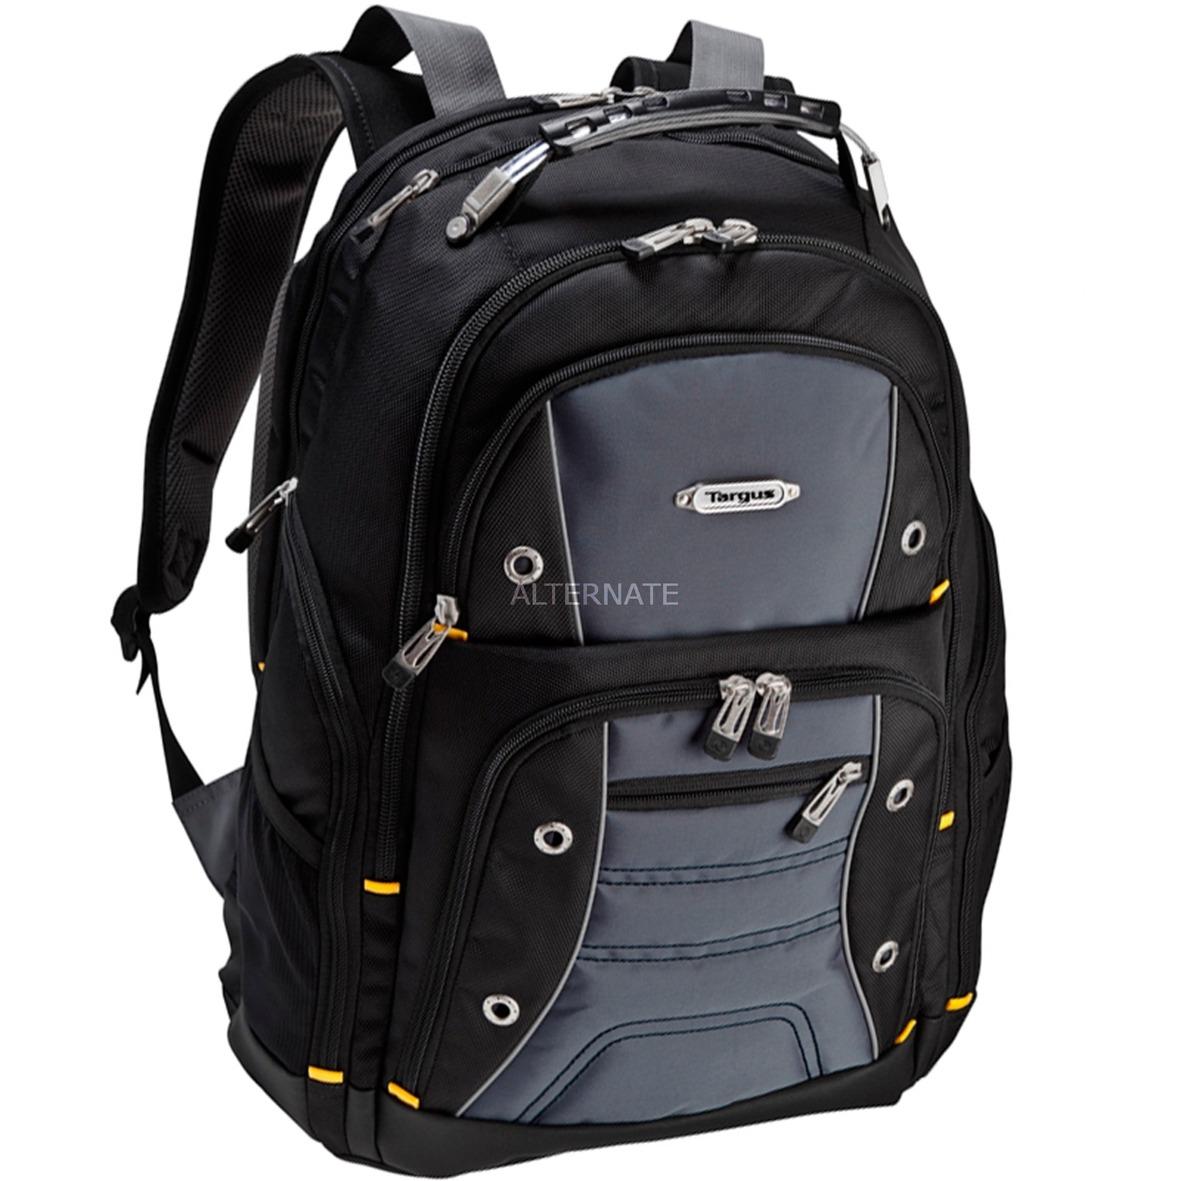 16 inch / 40.6cm Drifter Backpack, Mochila